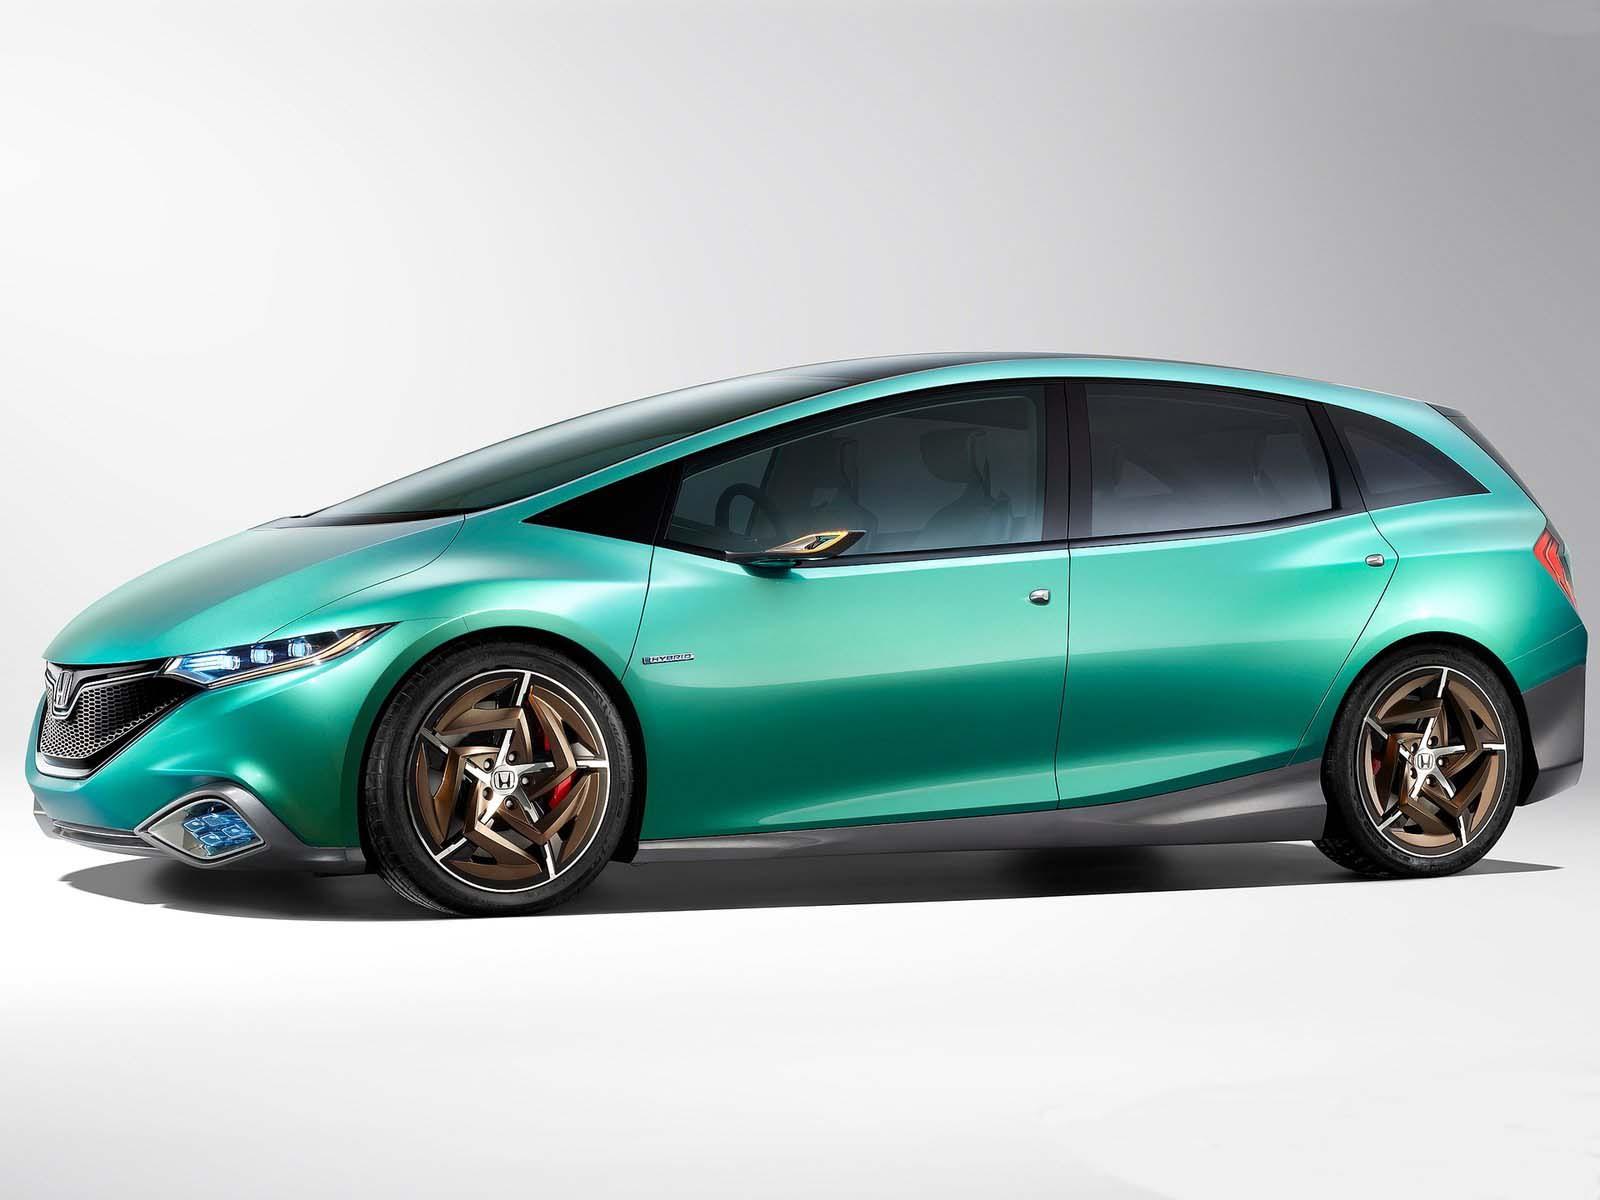 http://3.bp.blogspot.com/-ihZ6dsxvZbI/T-CCgsH9fCI/AAAAAAAADcc/mm4_lTWGFGA/s1600/Honda+S+Concept+hd+Wallpapers+2012_.jpg